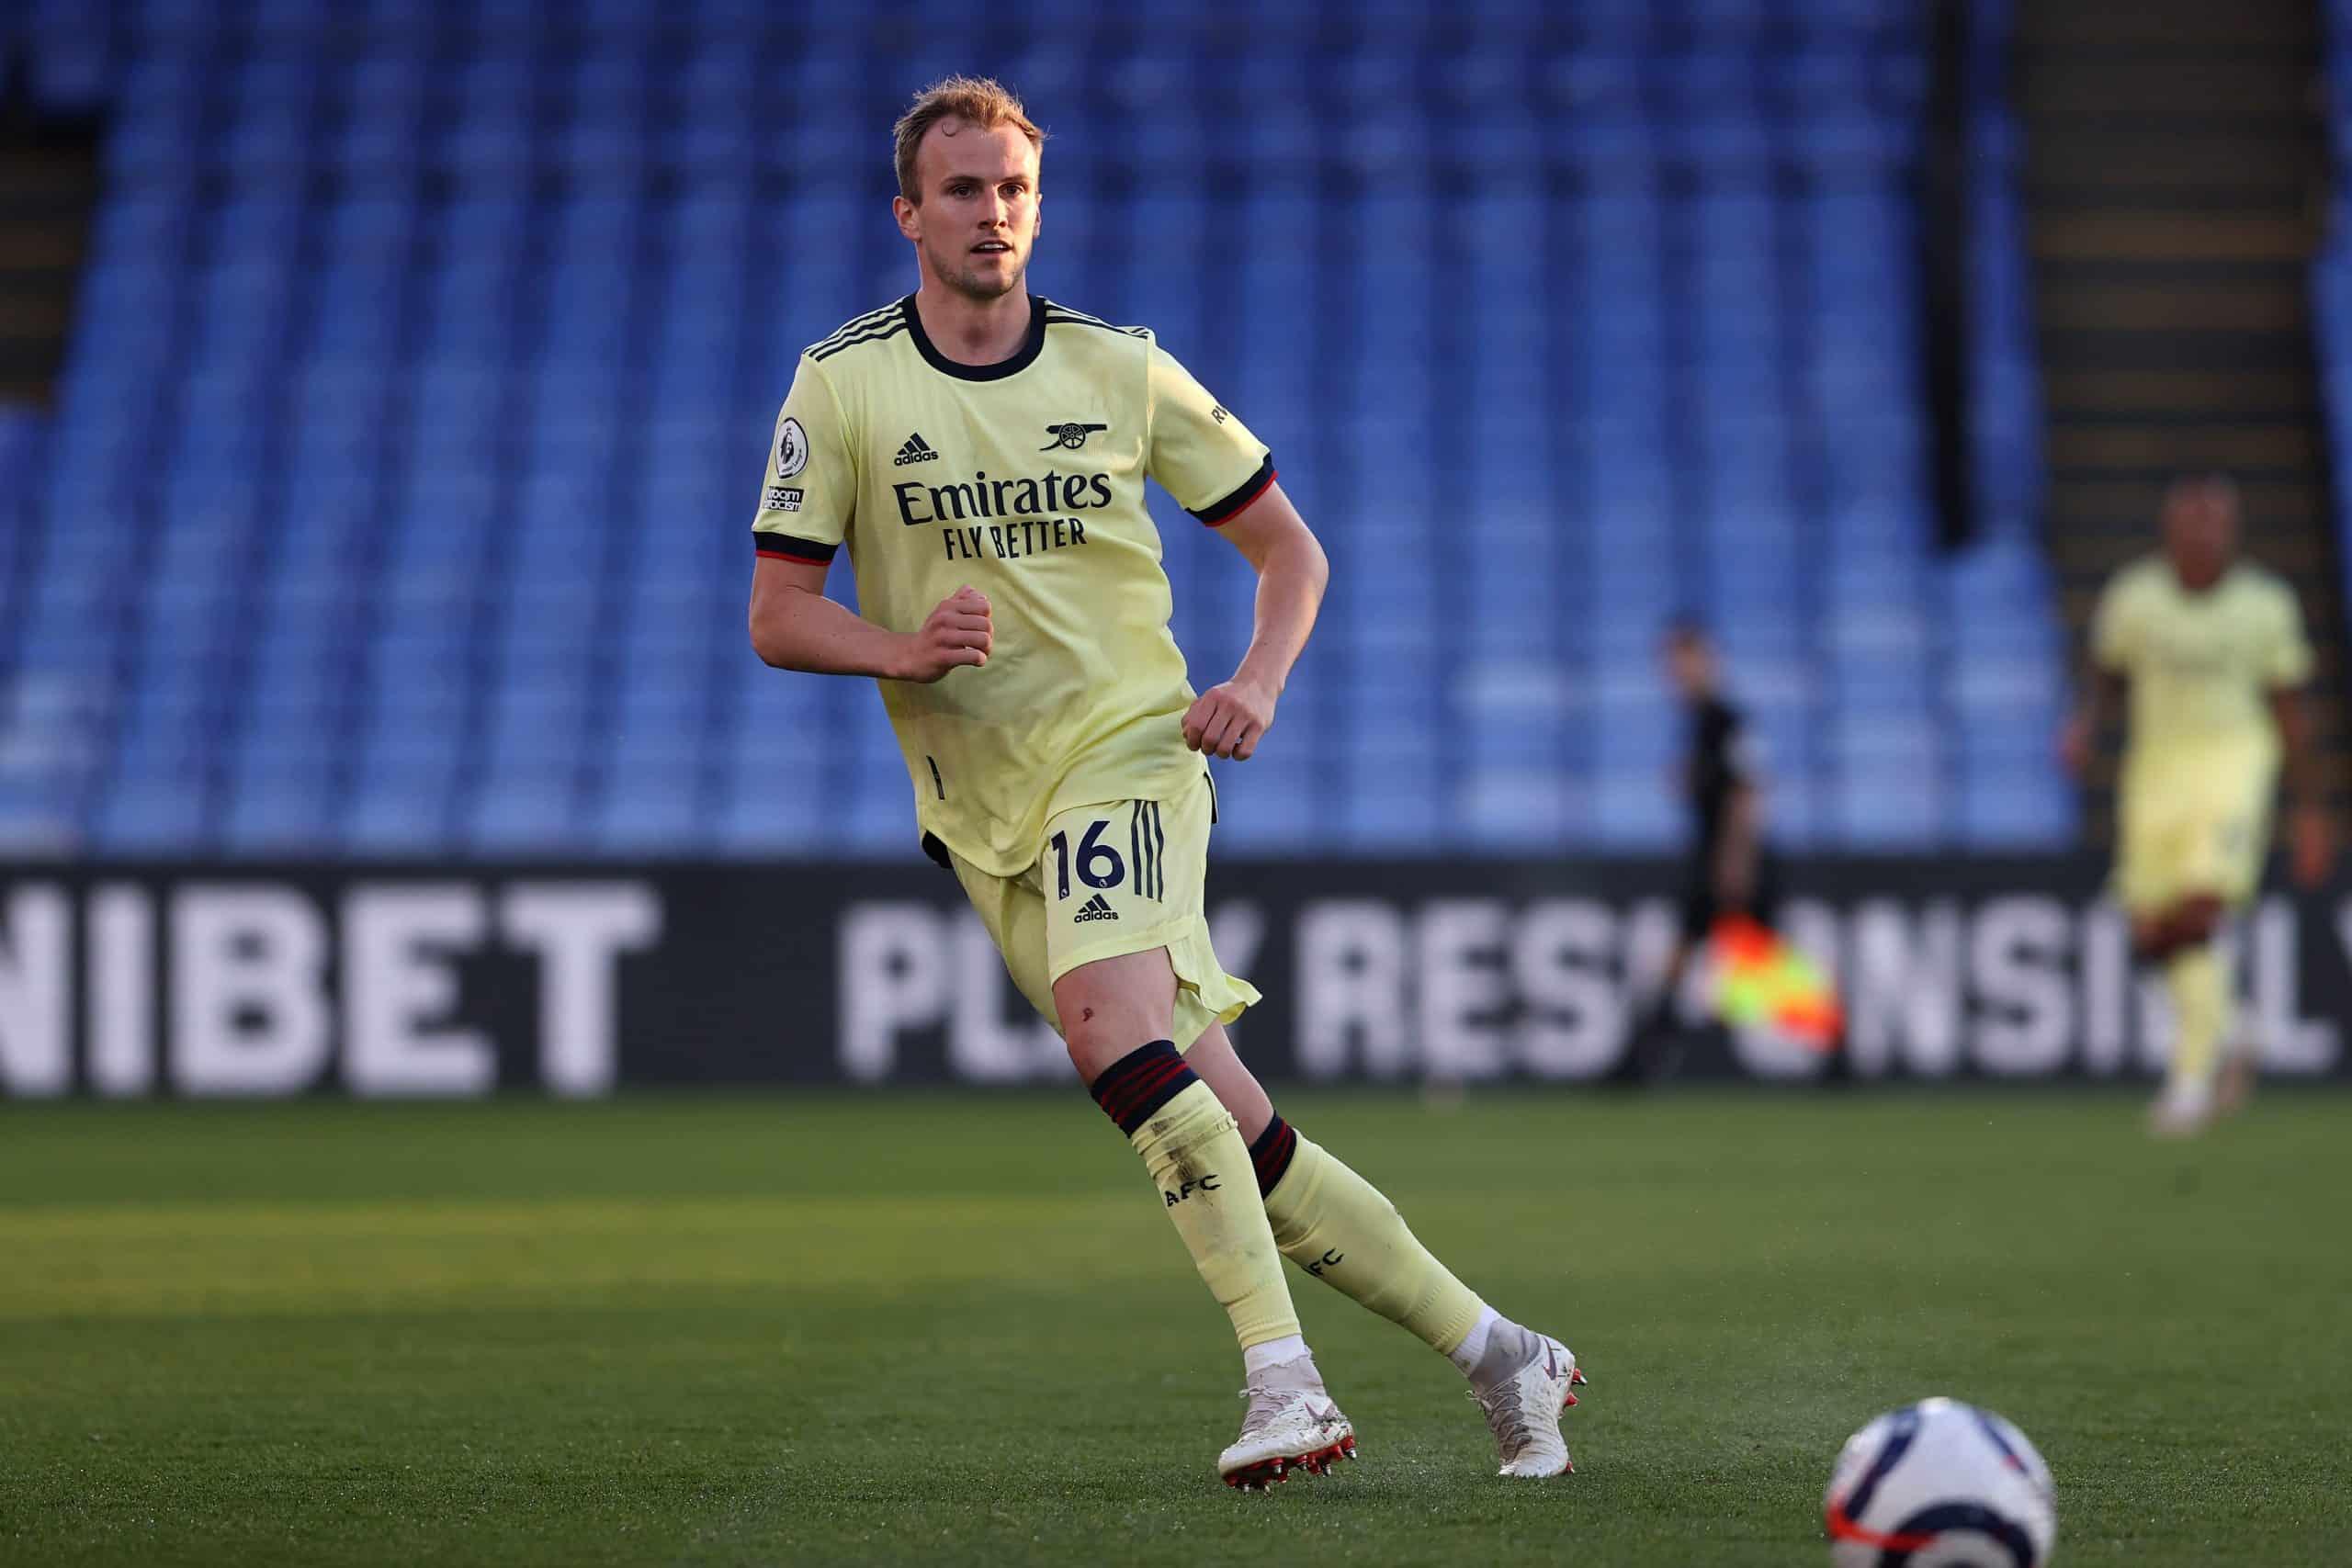 La futura actualización de Rob Holding Arsenal surge tras los enlaces a Newcastle